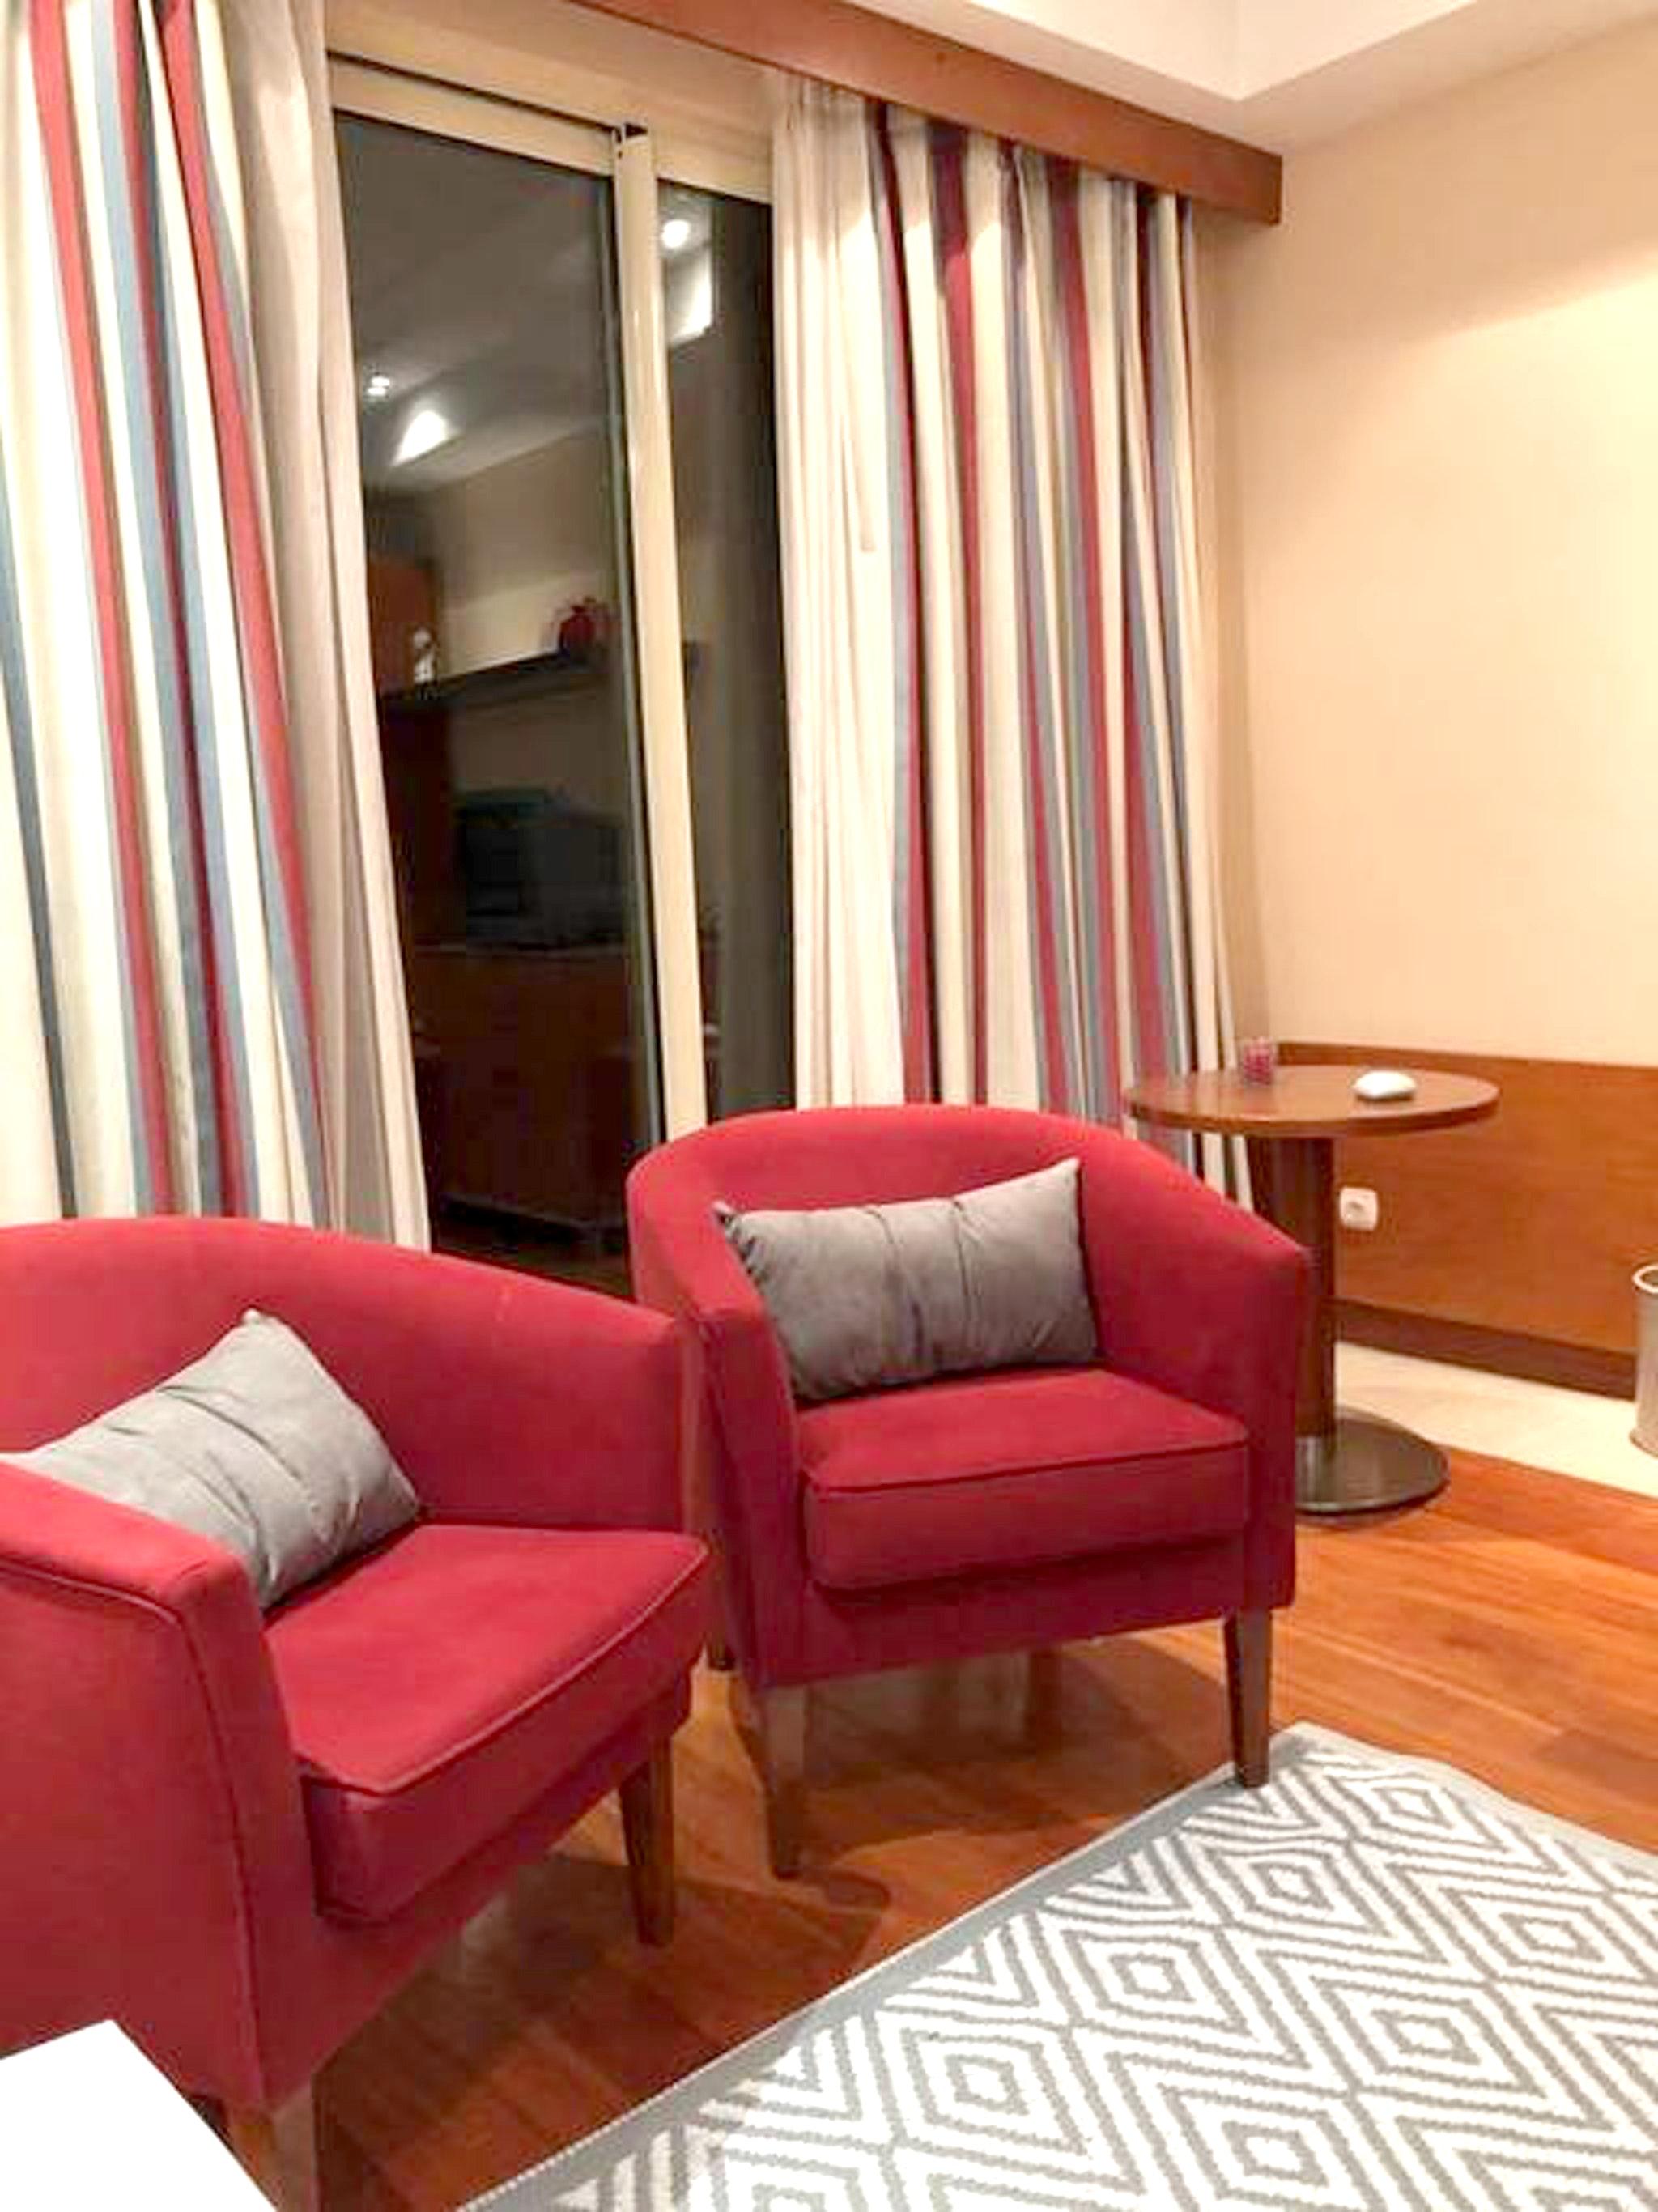 Ferienwohnung Wohnung mit einem Schlafzimmer in Estômbar mit bezauberndem Seeblick, Pool, eingezäuntem G (2623795), Estombar, , Algarve, Portugal, Bild 12